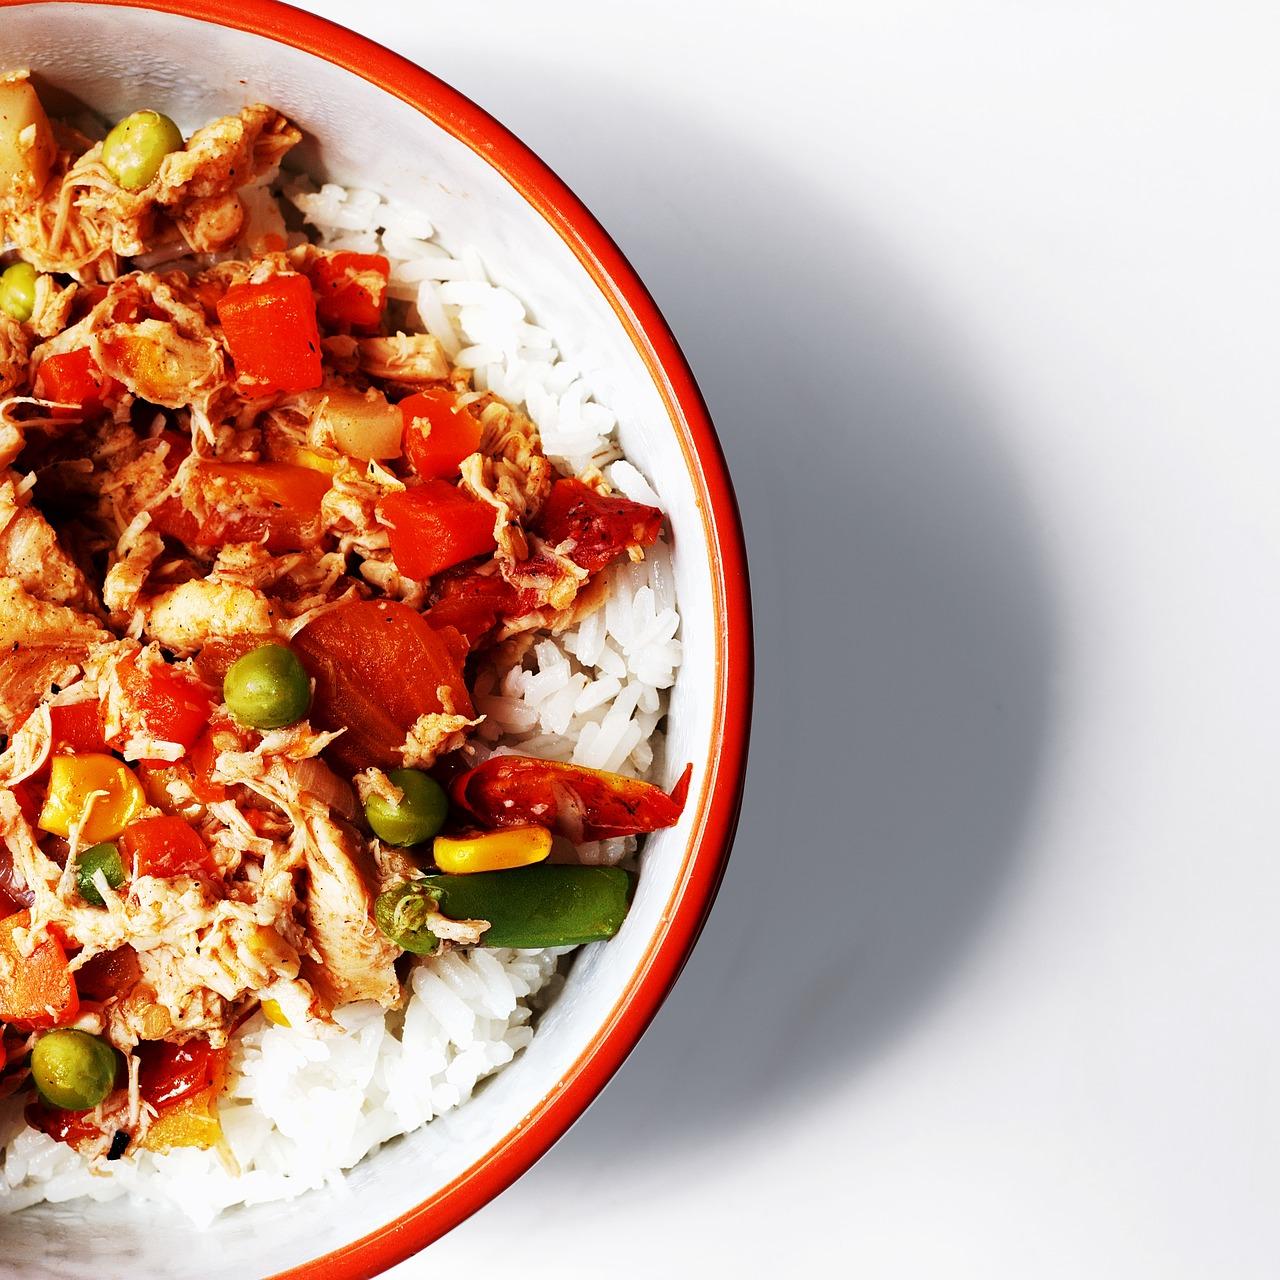 Szybkie danie z kaszą, kurczakiem i warzywami